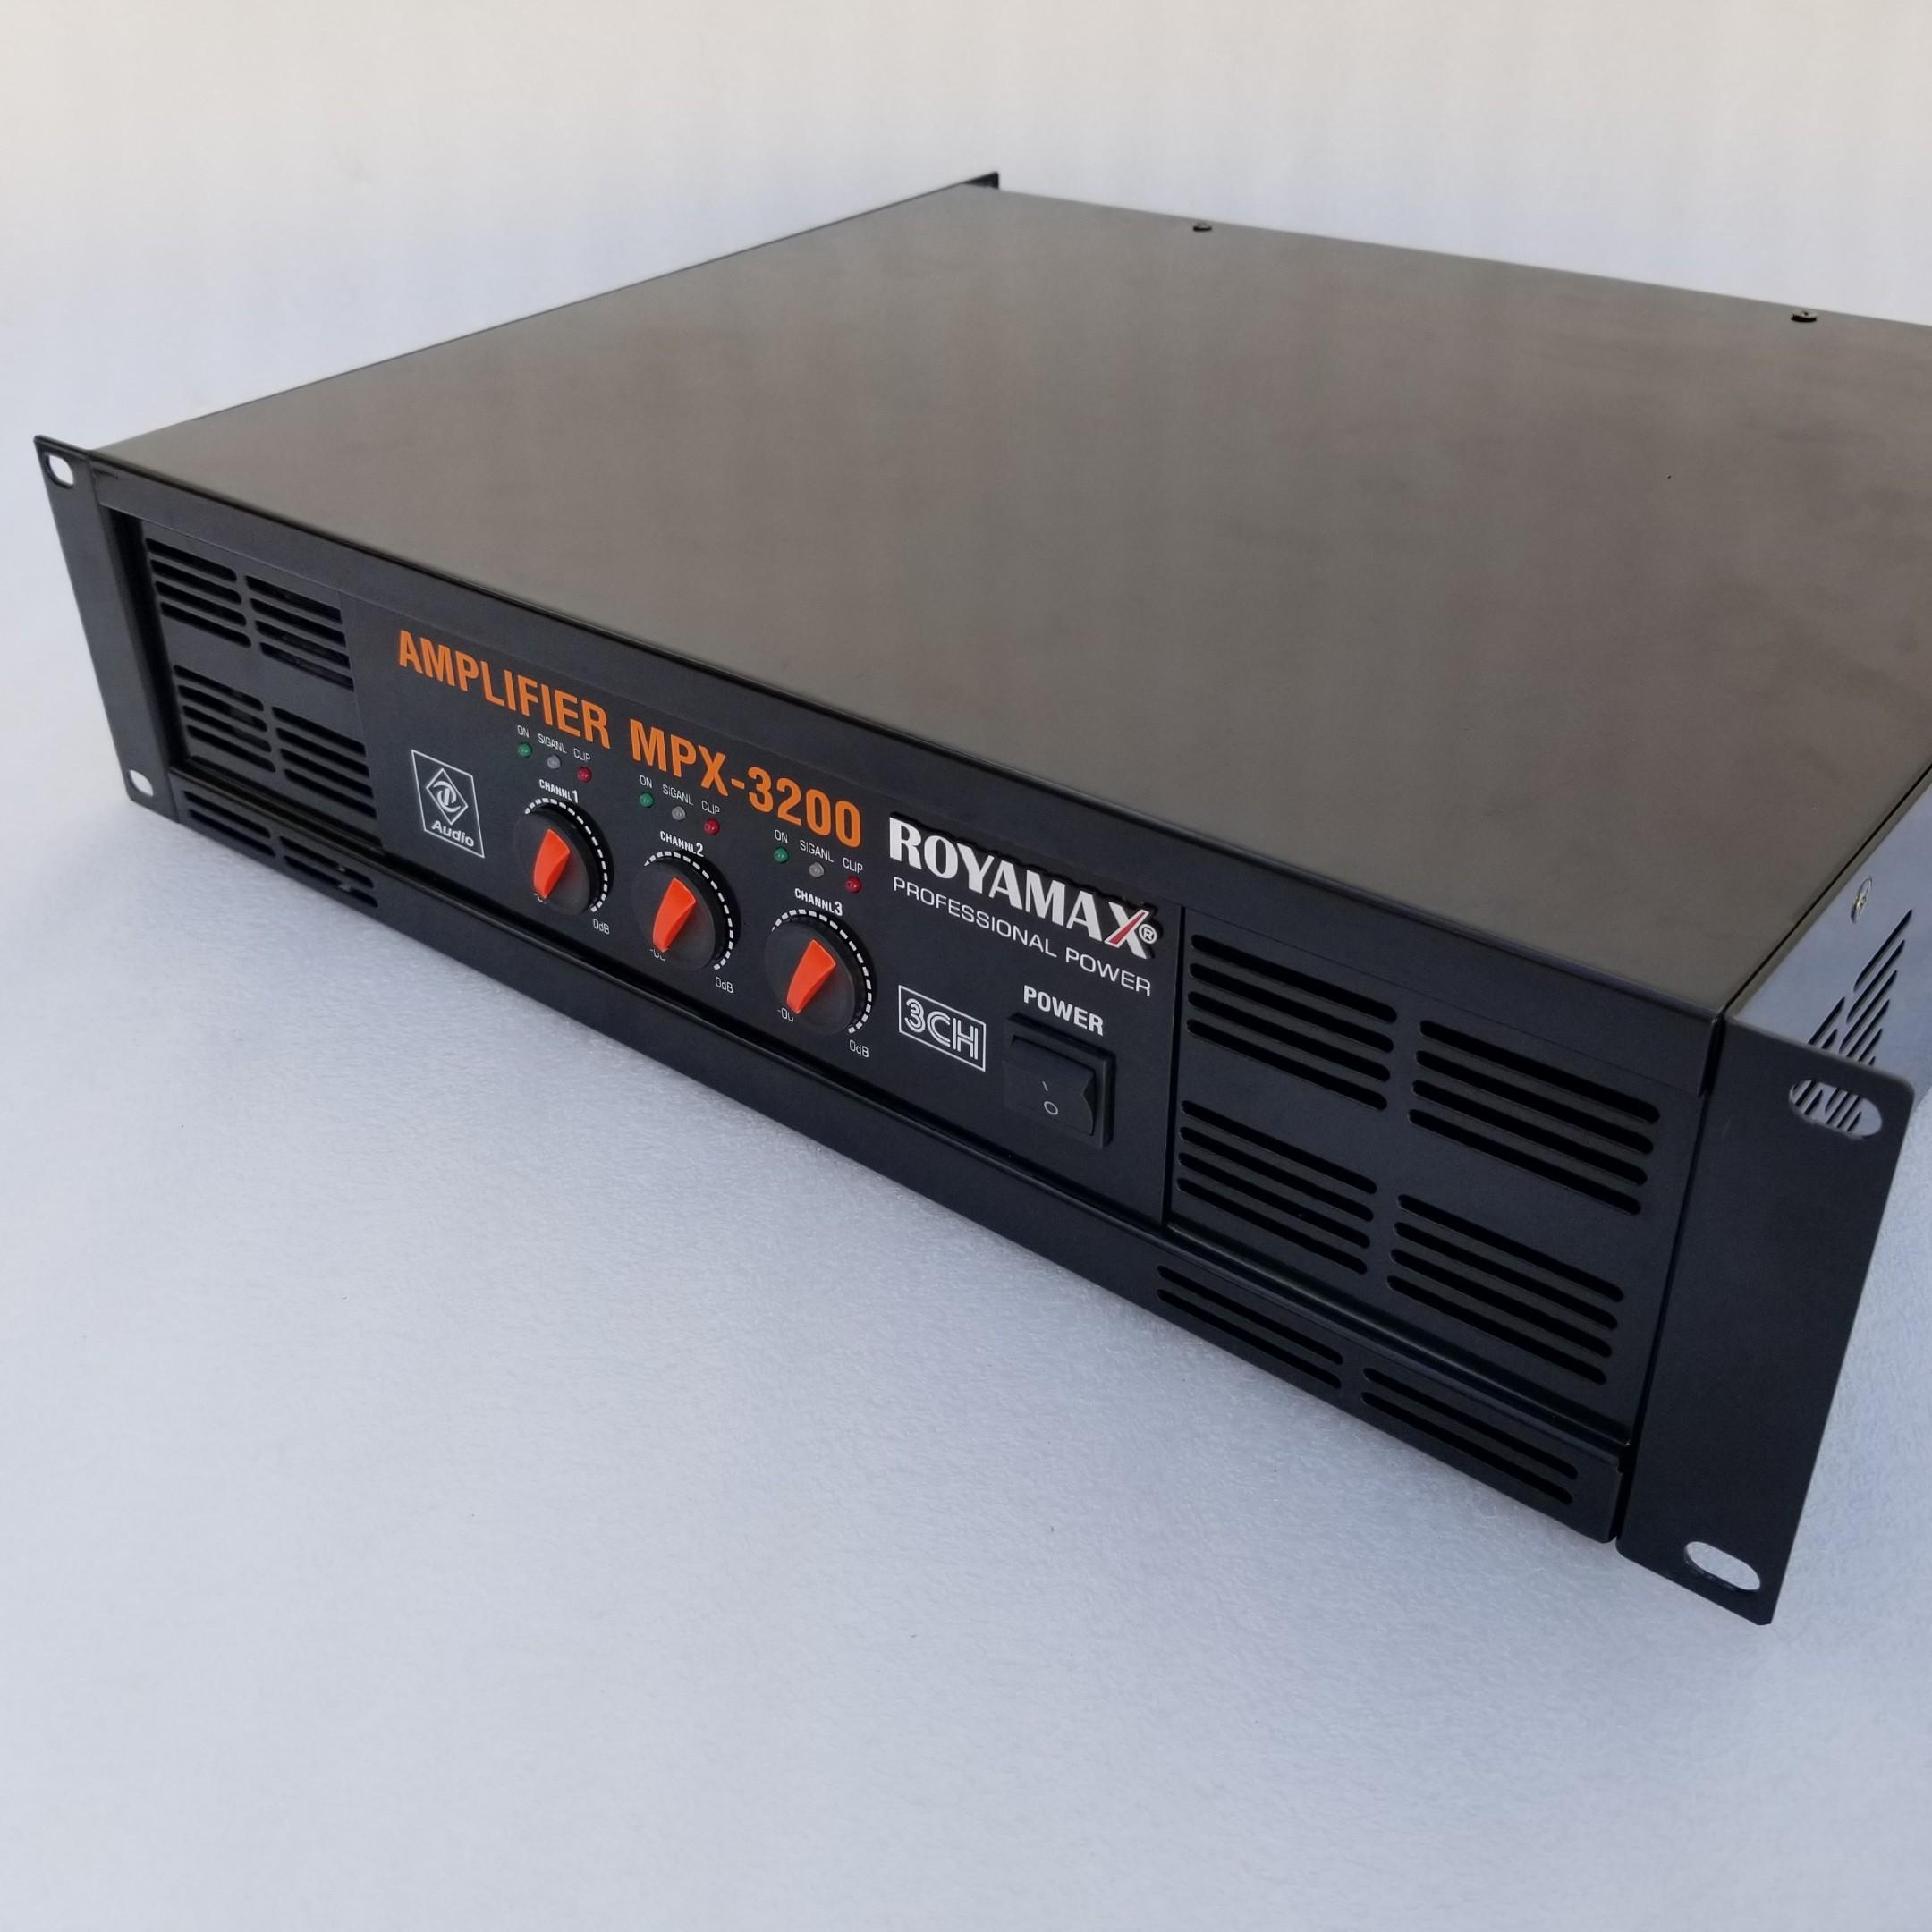 Chi tiết sản phẩm cục đẩy 3 kênh Royamax MPX 3200 từ bên phải